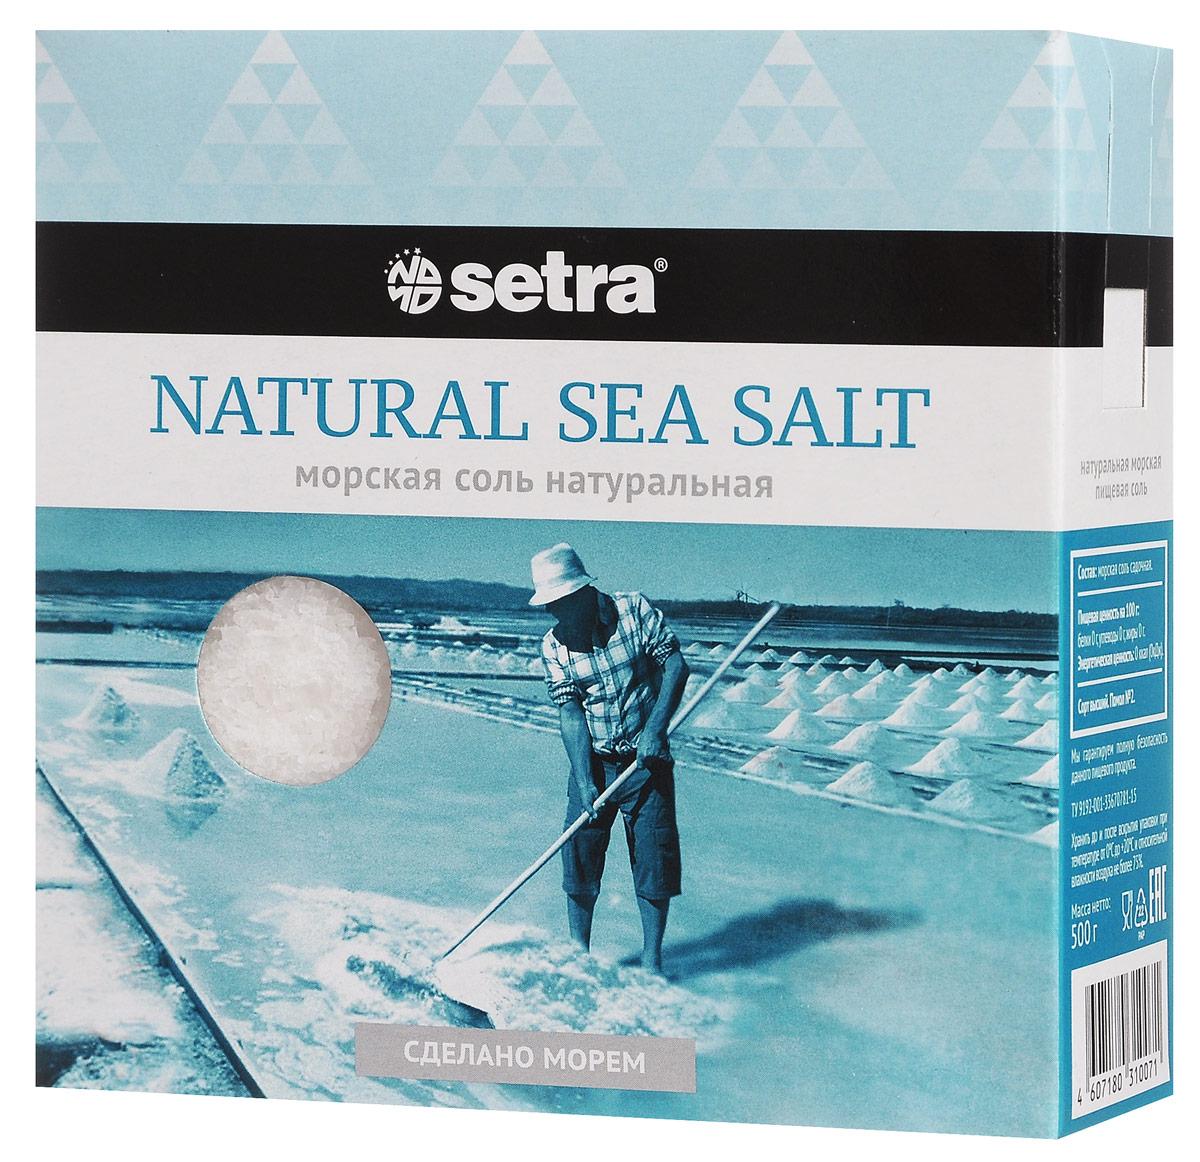 Setra соль морская натуральная без добавок, 500 г бте004